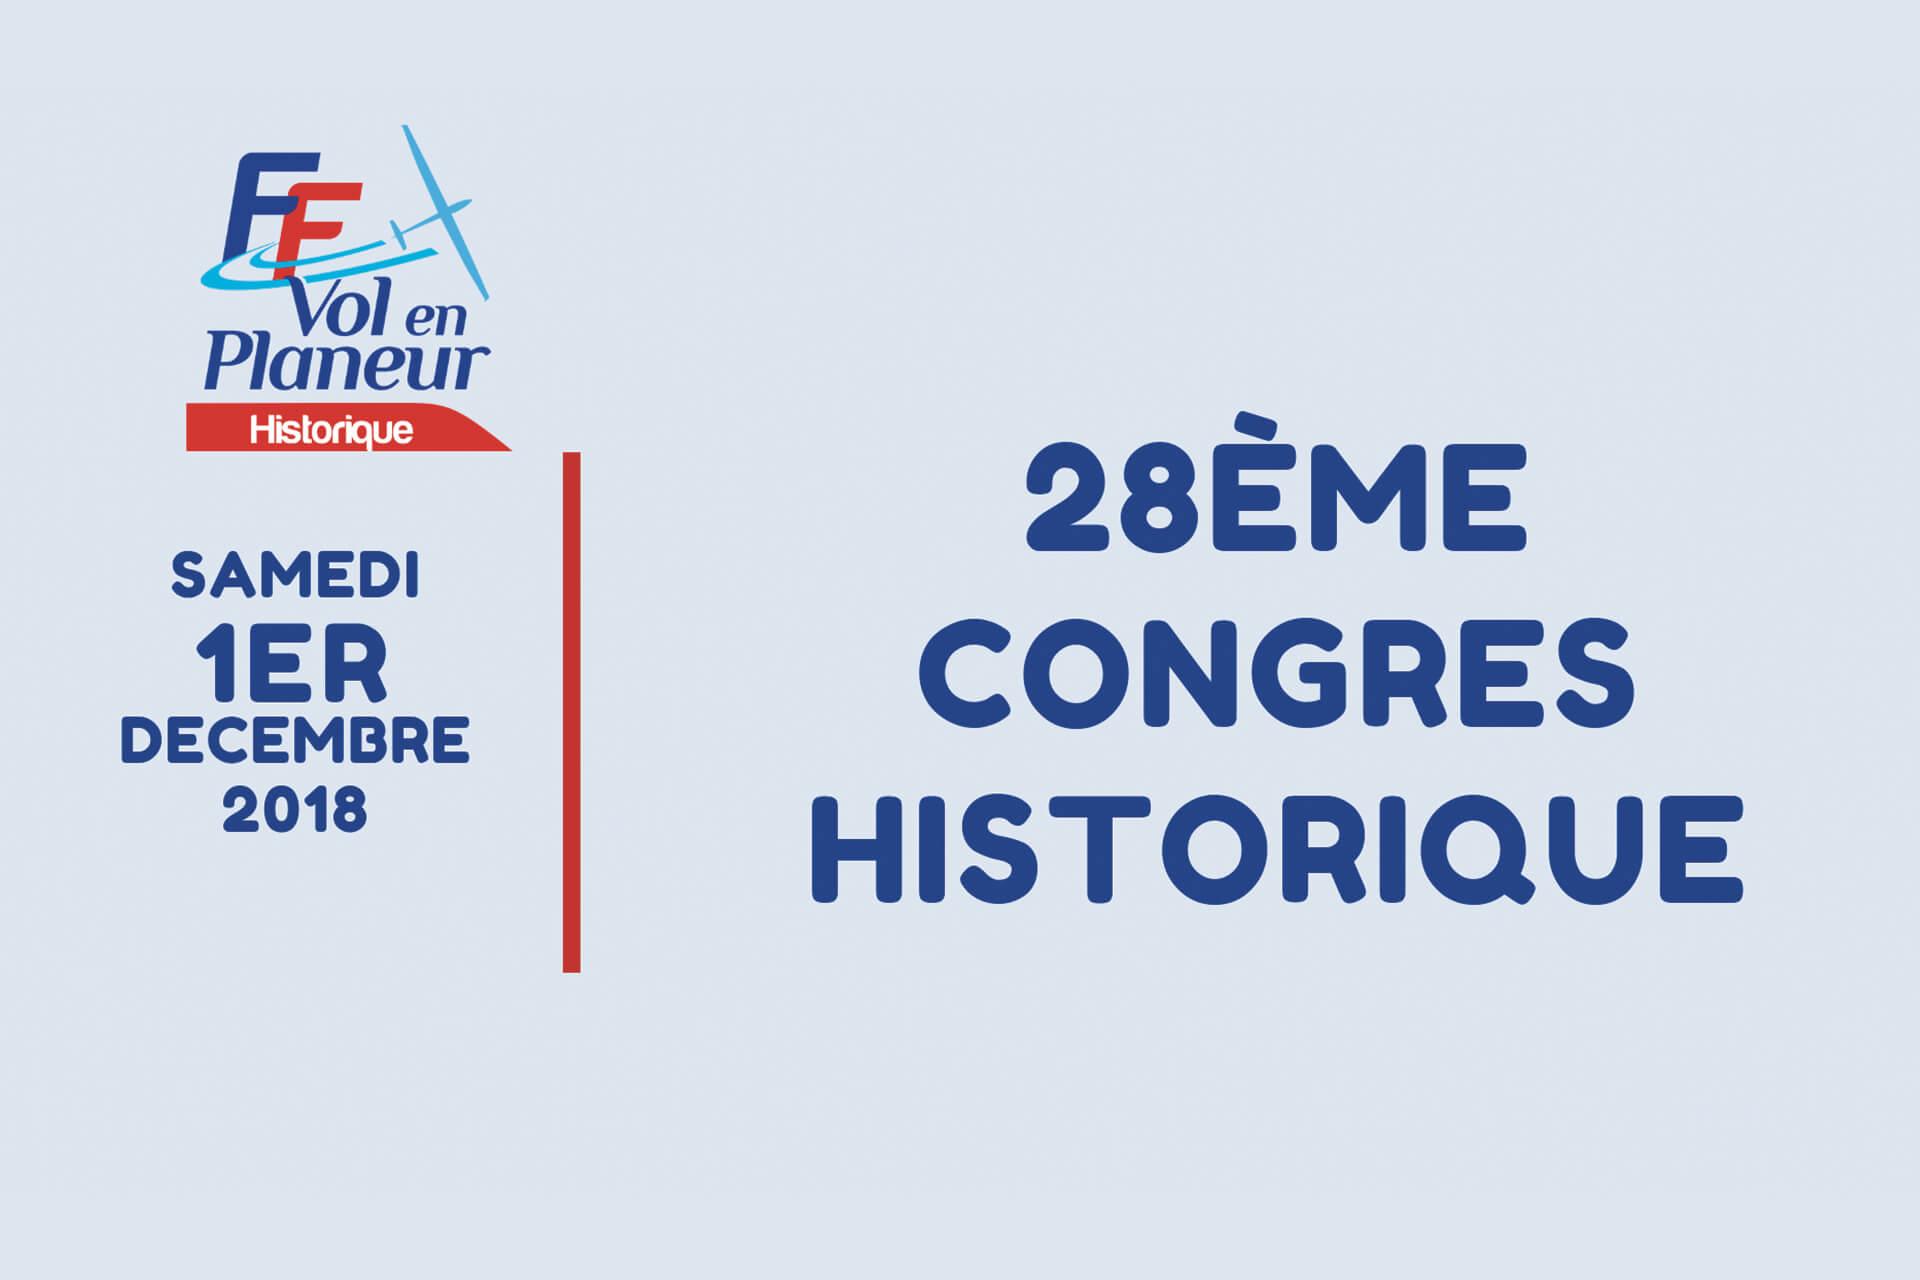 28e Congrès Historique